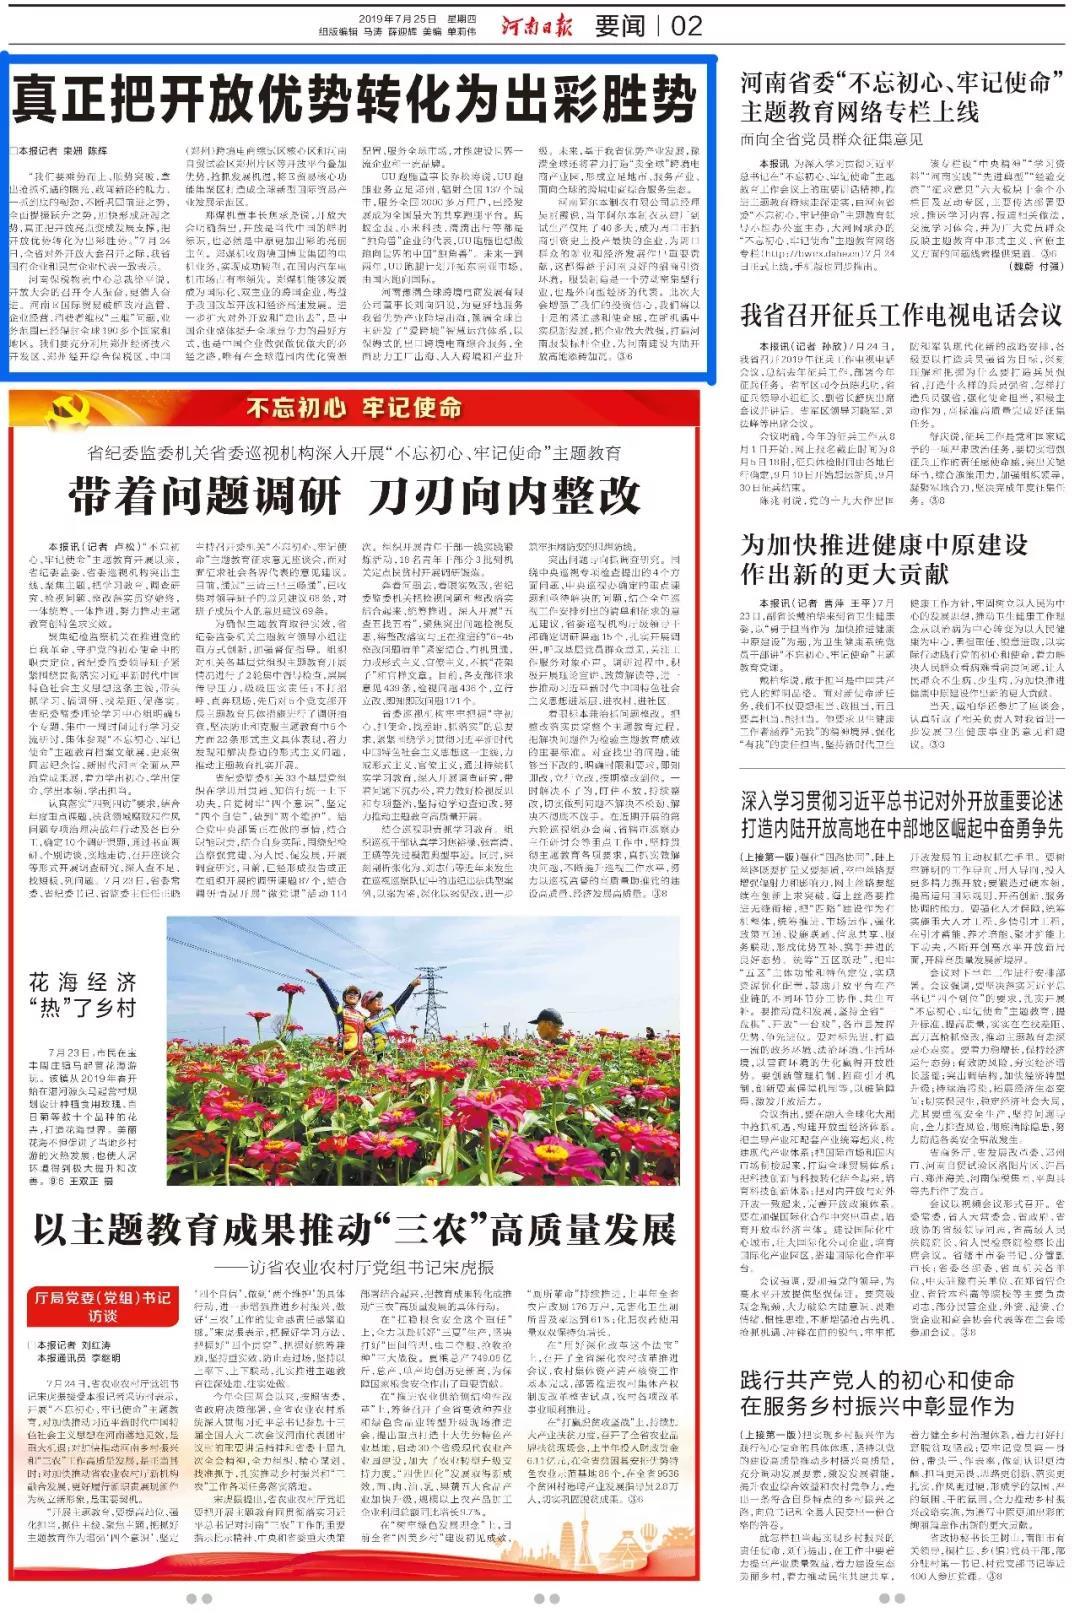 7月25日的河南日报要闻|02(蓝框内为报道文章)